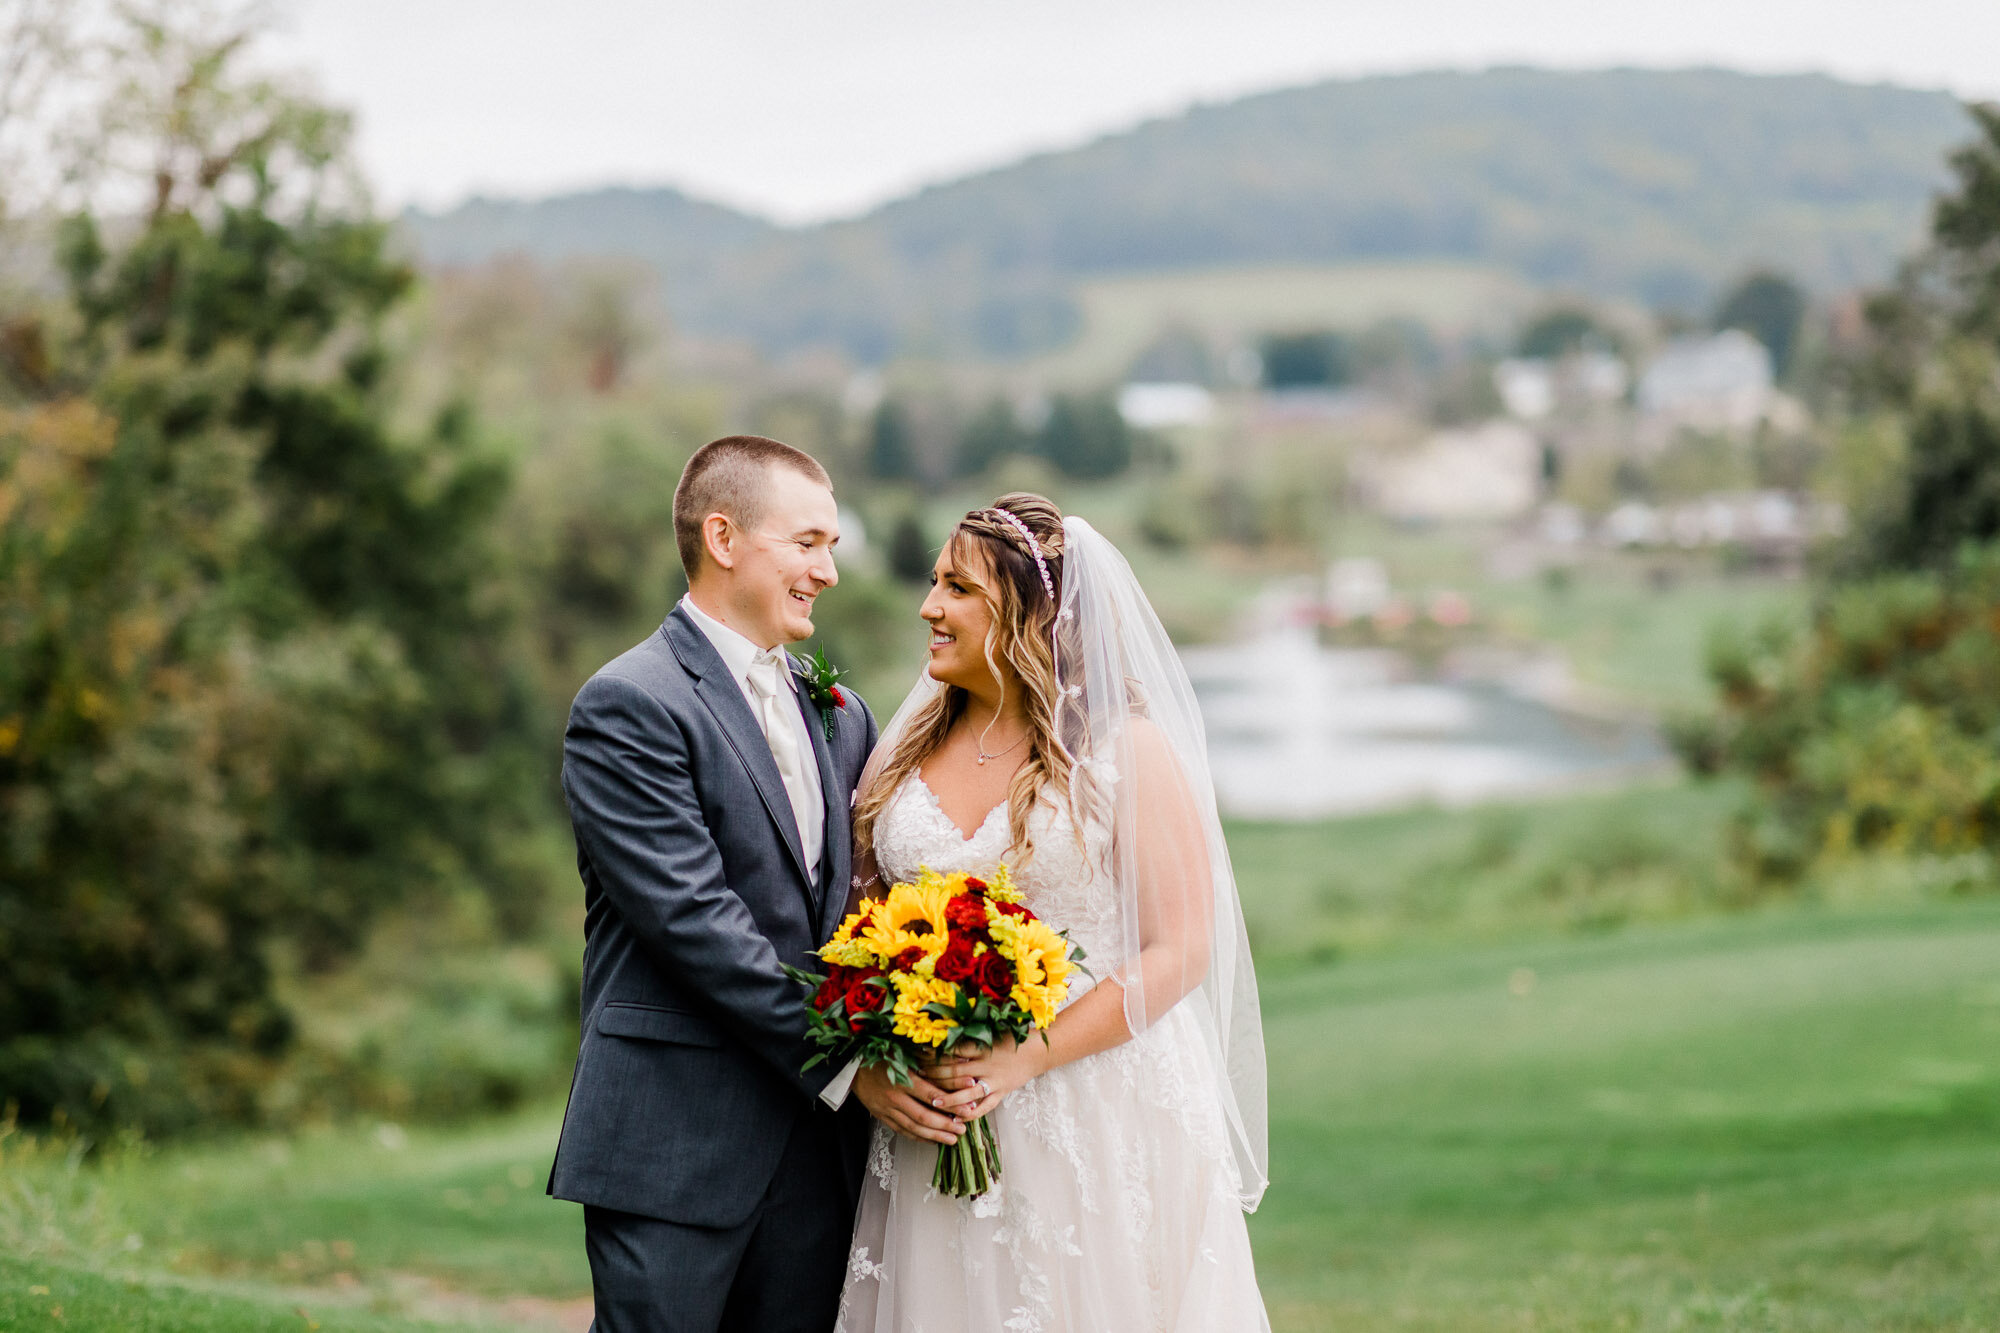 links-hemlock-creek-bloomsburg-wedding-6526.jpg